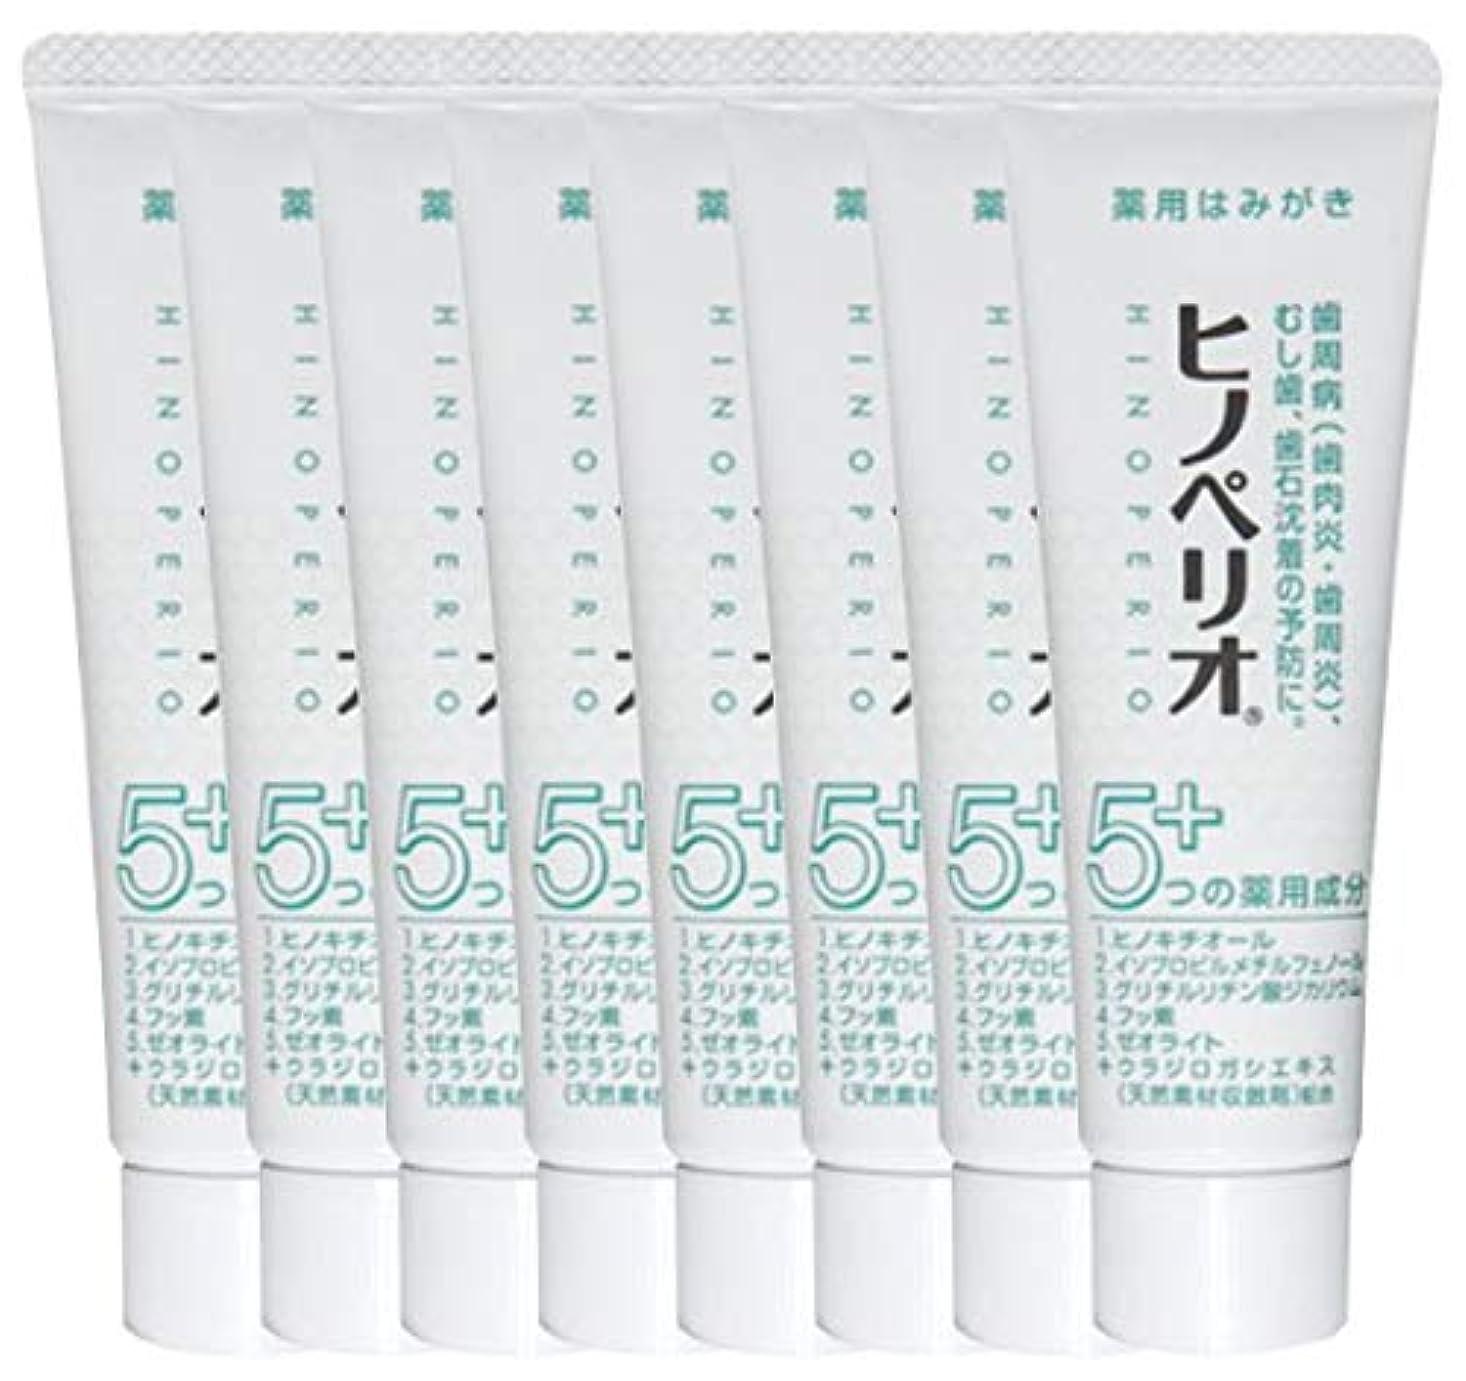 スプーン蓮押し下げる昭和薬品 ヒノペリオ60g 医薬部外品 × 8本